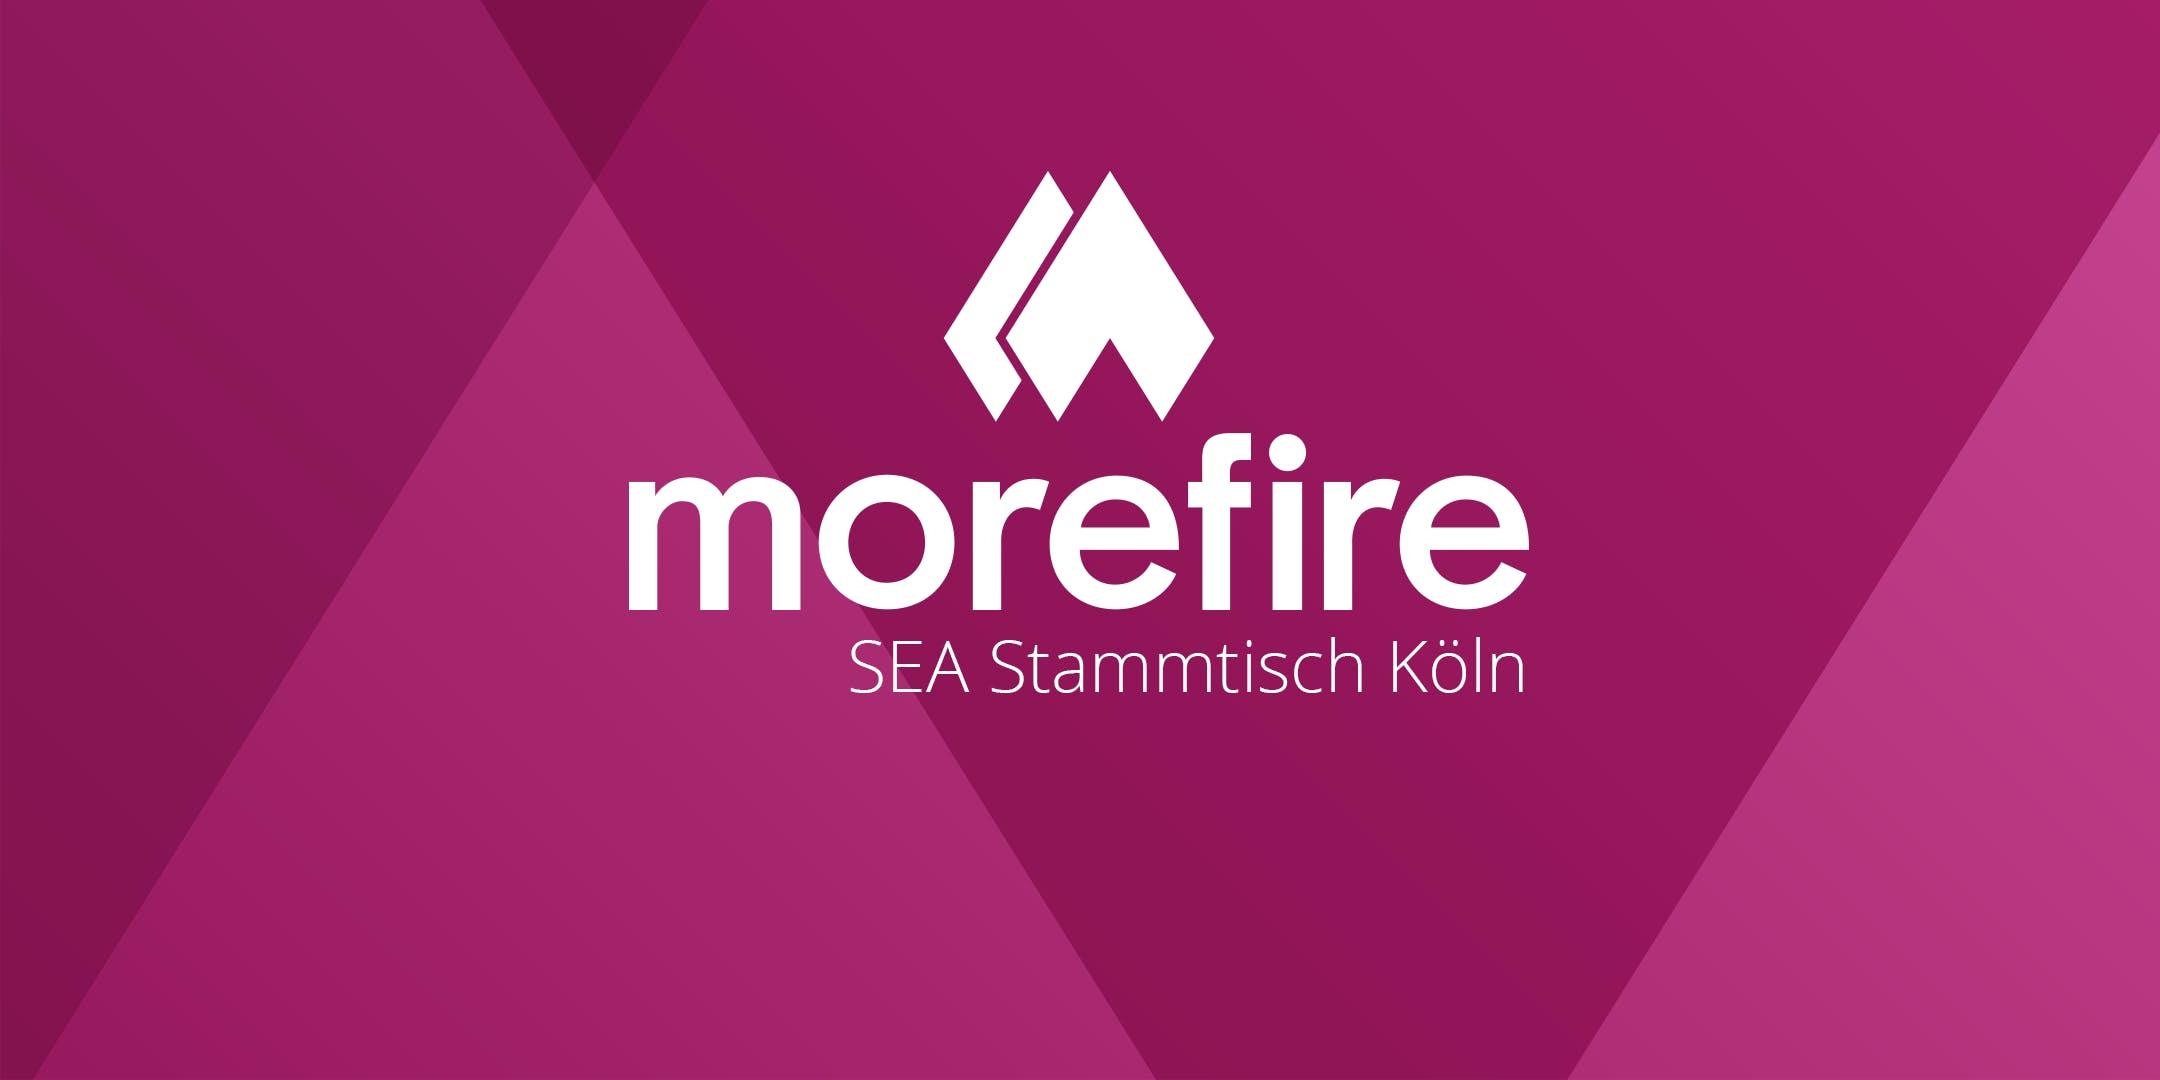 SEA Stammtisch Köln - Juni 2018